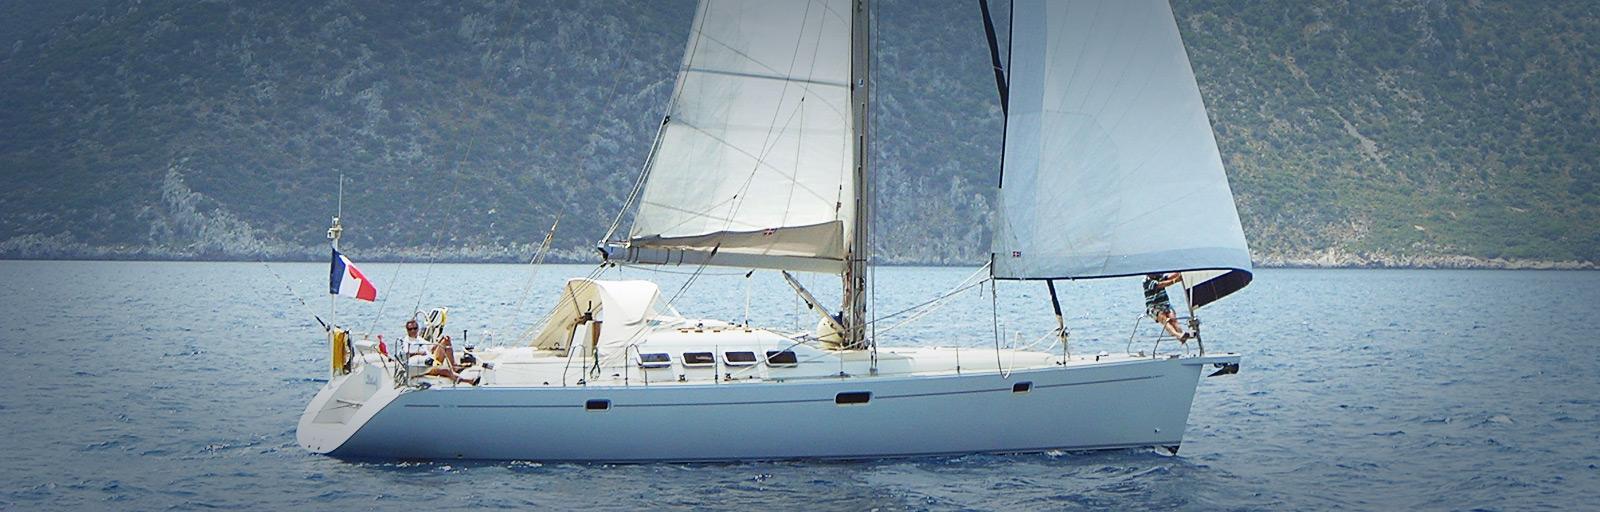 Universal Yachting 49.9